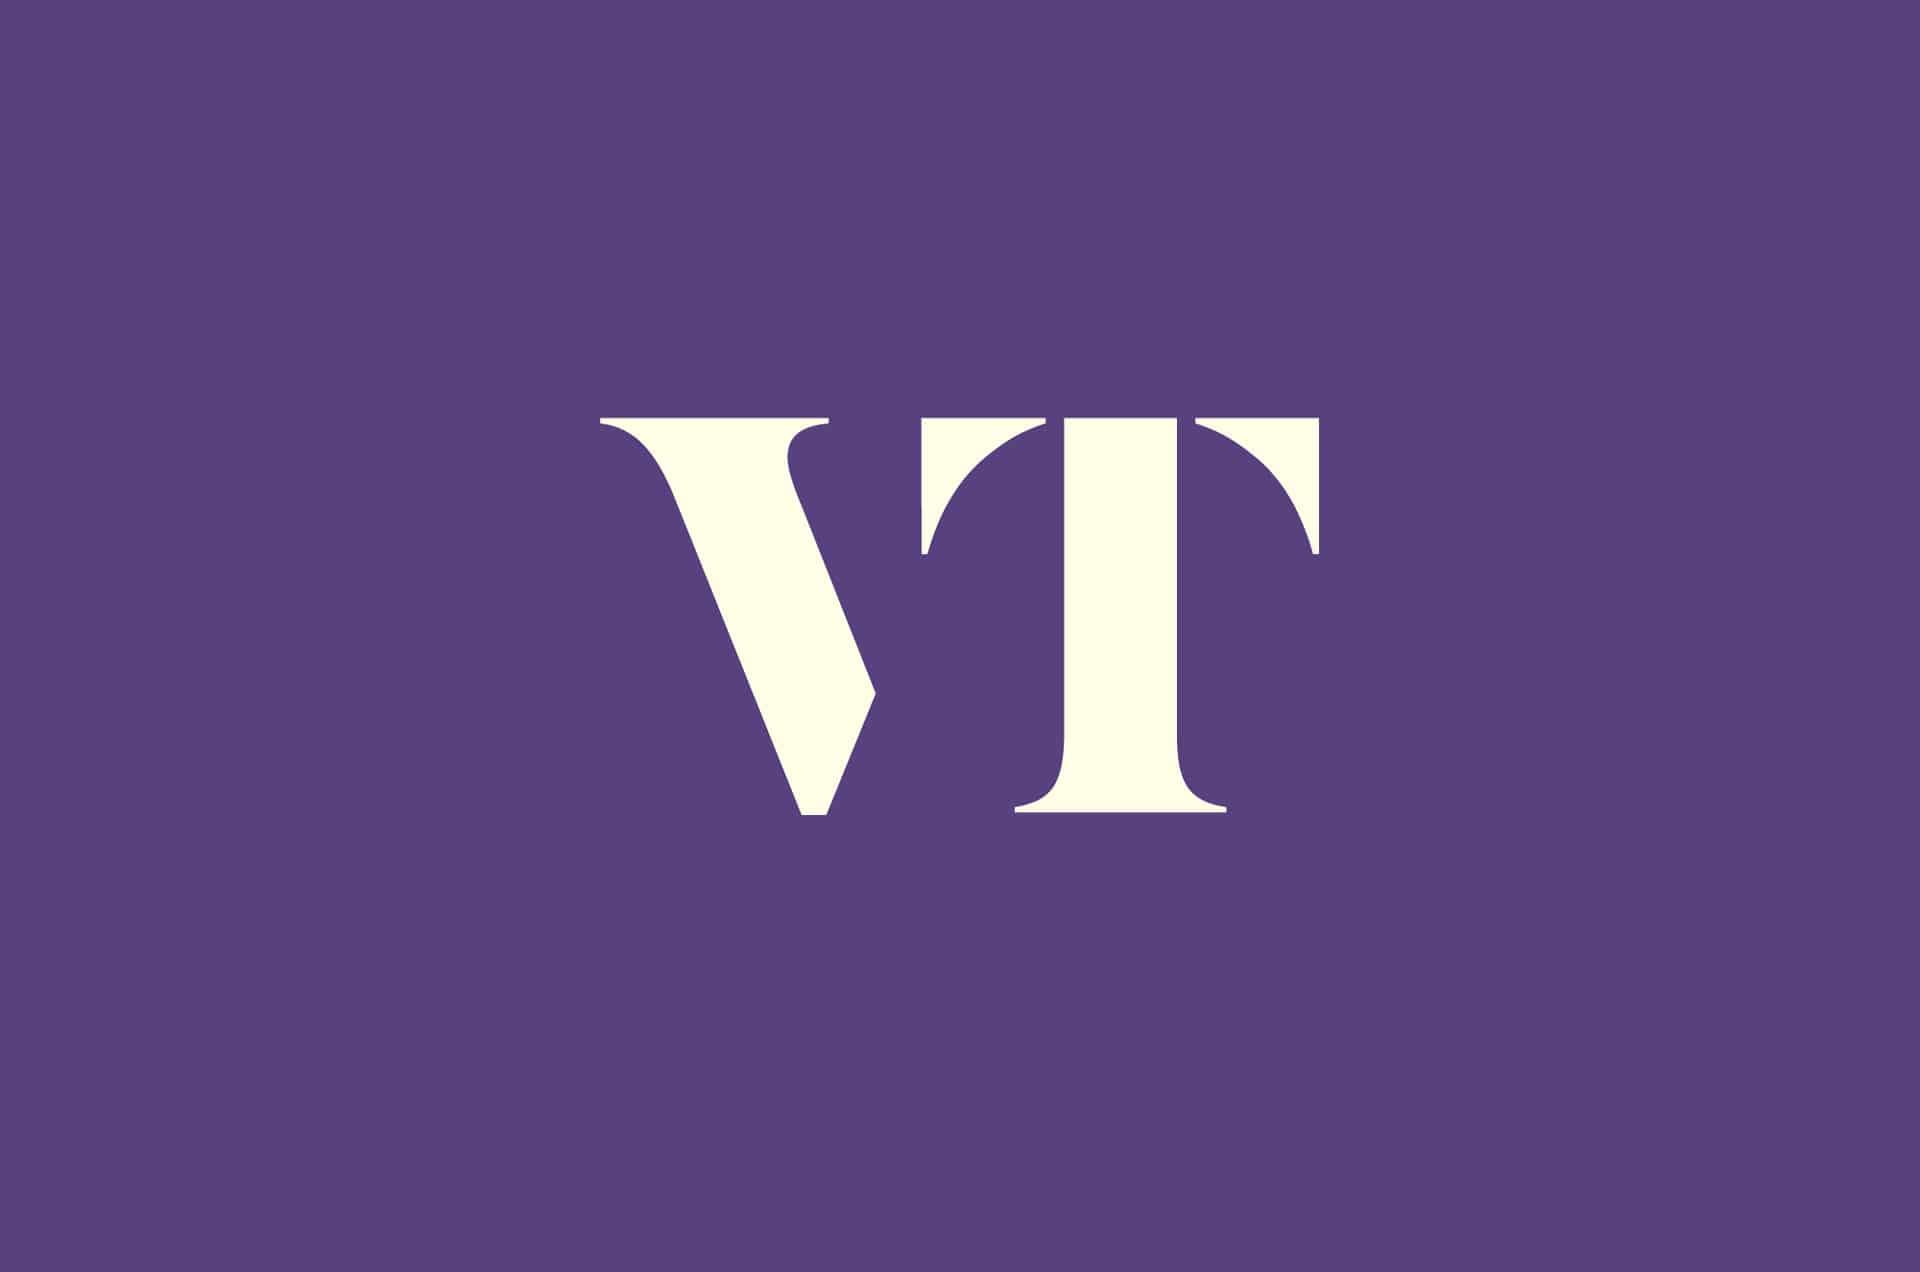 TrueOutput - VT Event Guide